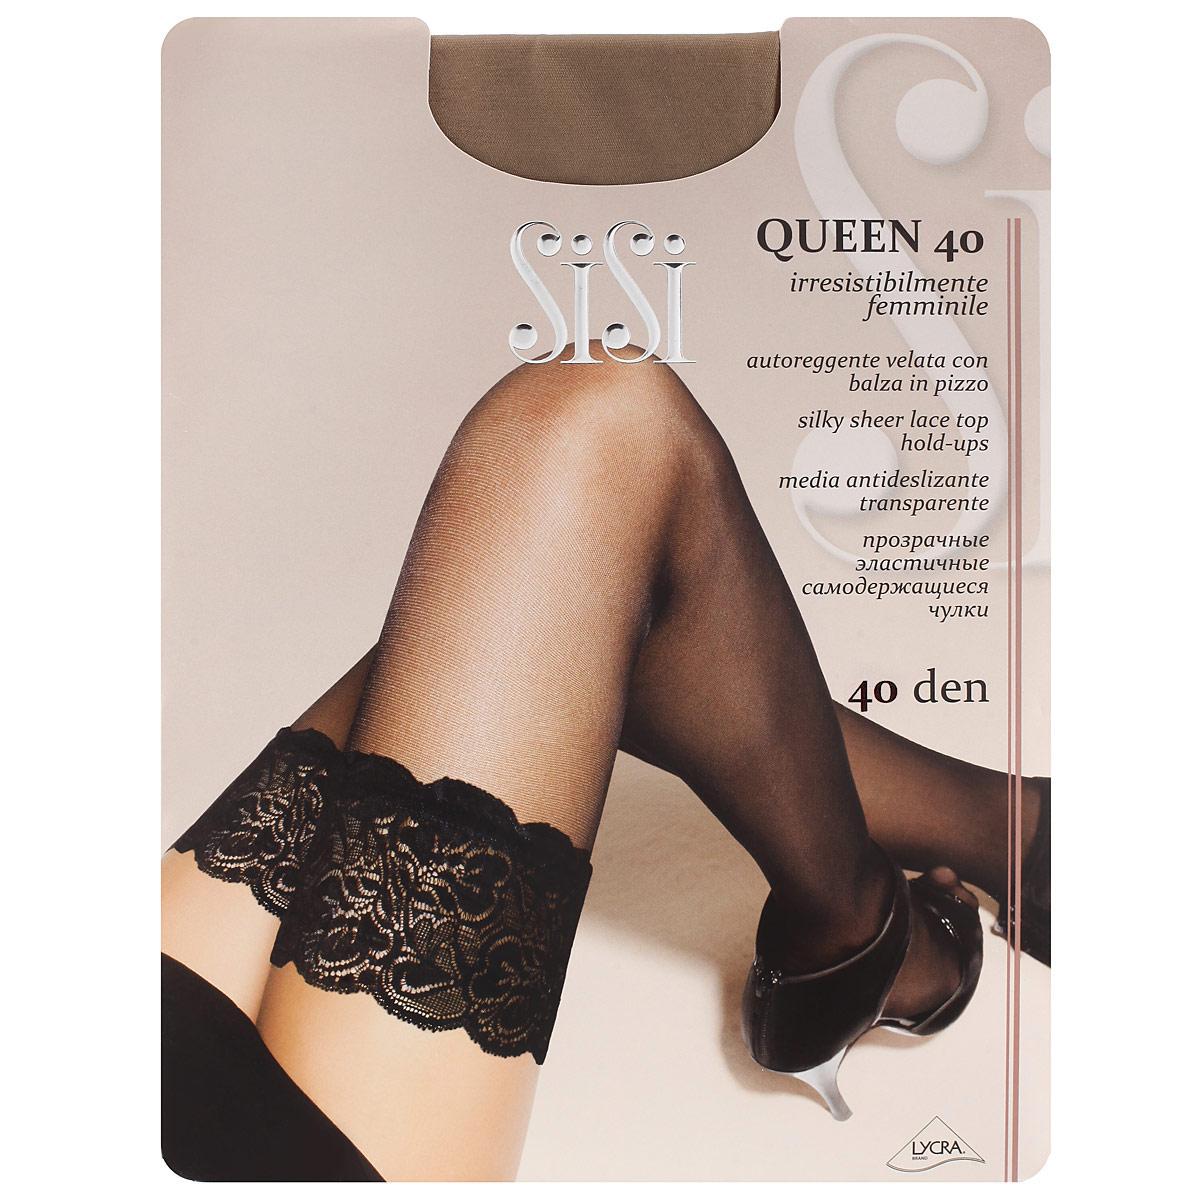 Queen 40_DainoТонкие чулки Sisi Queen 40 с фиксирующей резинкой на силиконовой основе и незаметным усиленным носком.